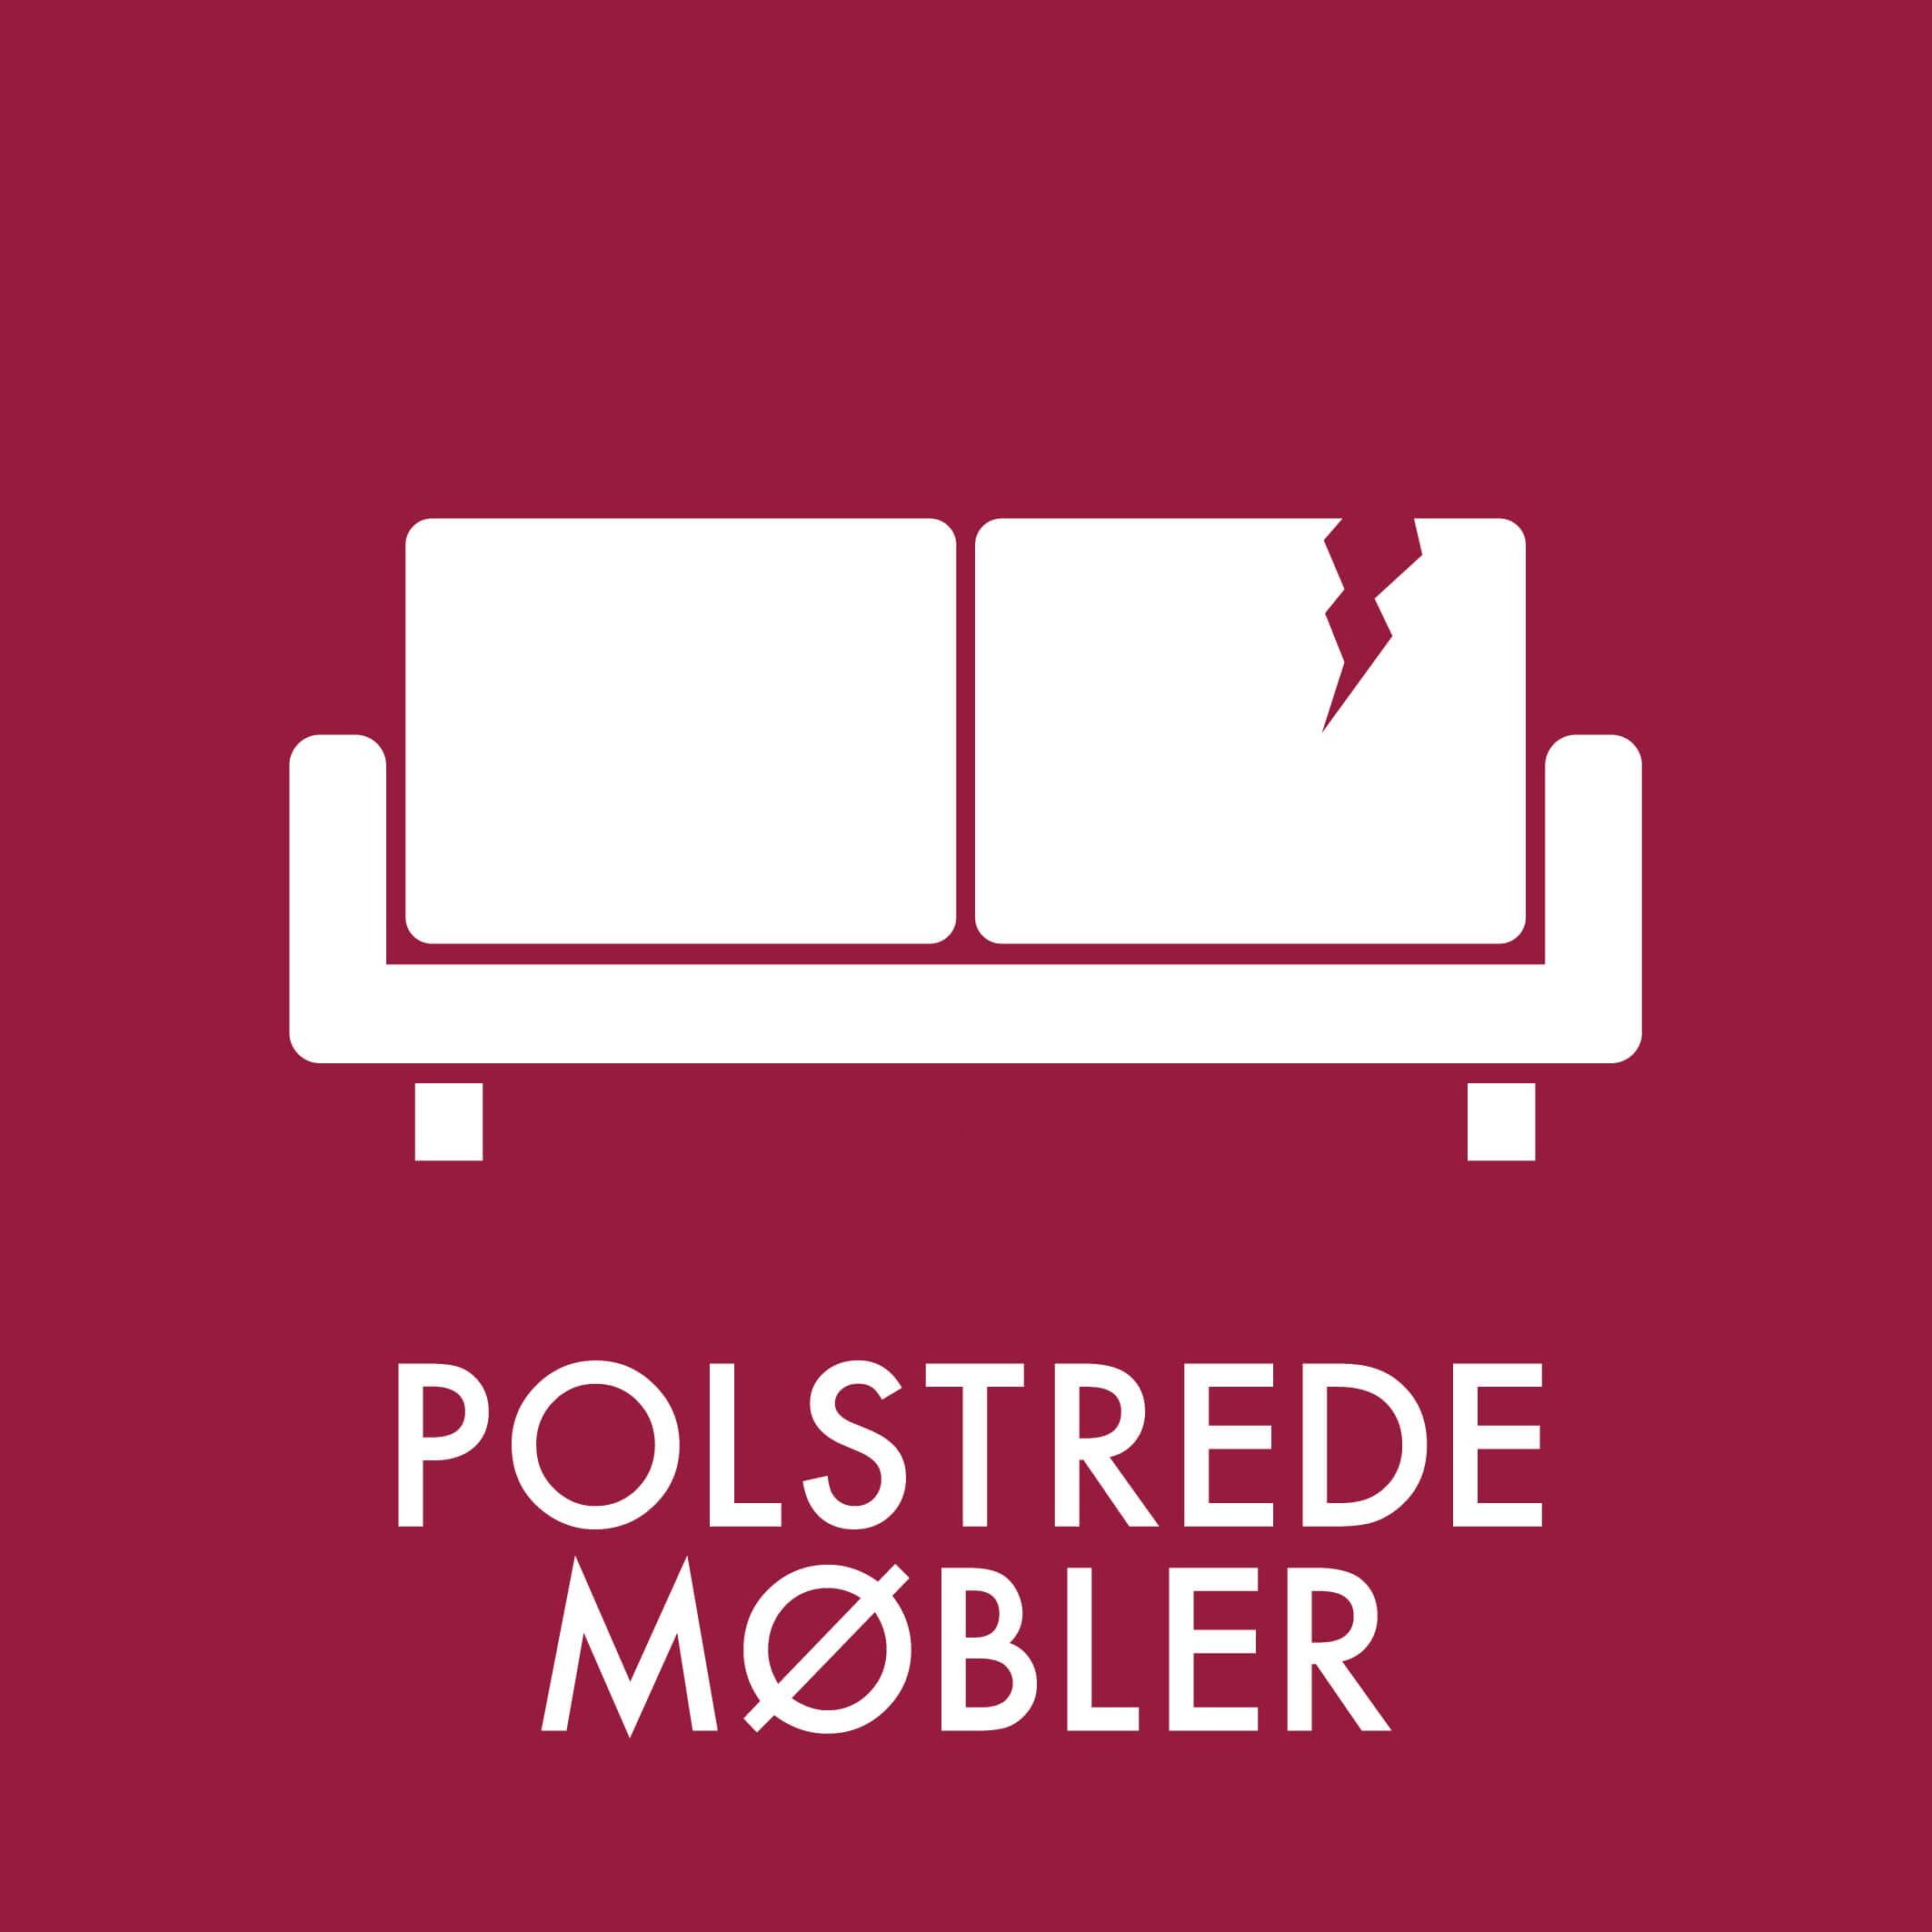 Dansk Affaldssortering - Polstrede møbler